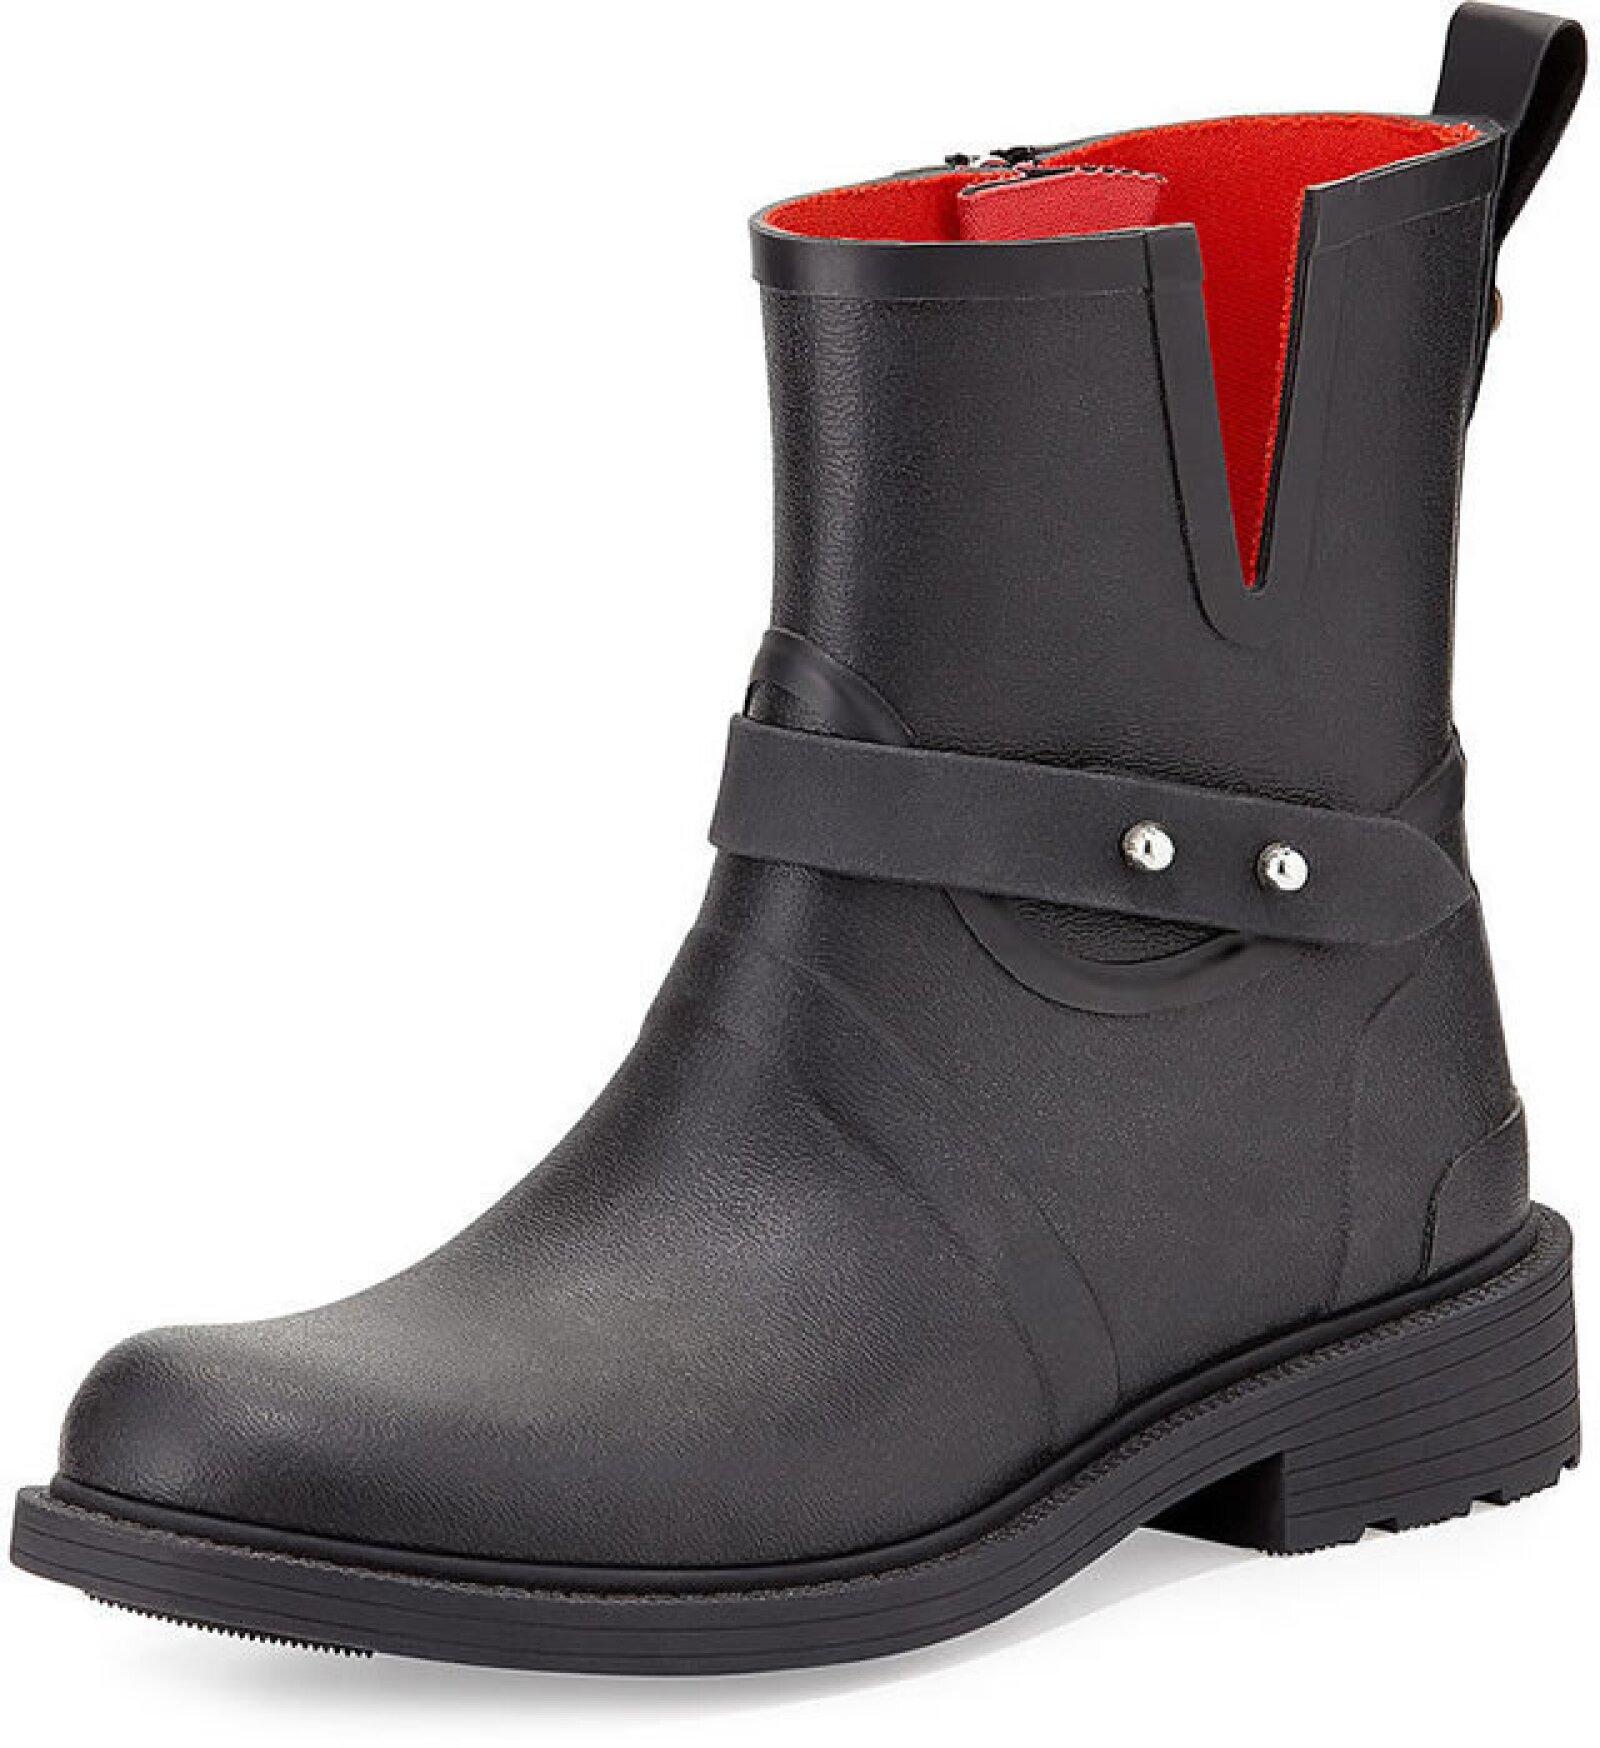 Lo que nos gusta de las Rag & Bone es que no tienen el look de la clásica bota de lluvia y pueden pasar como cualquier bota de piel.